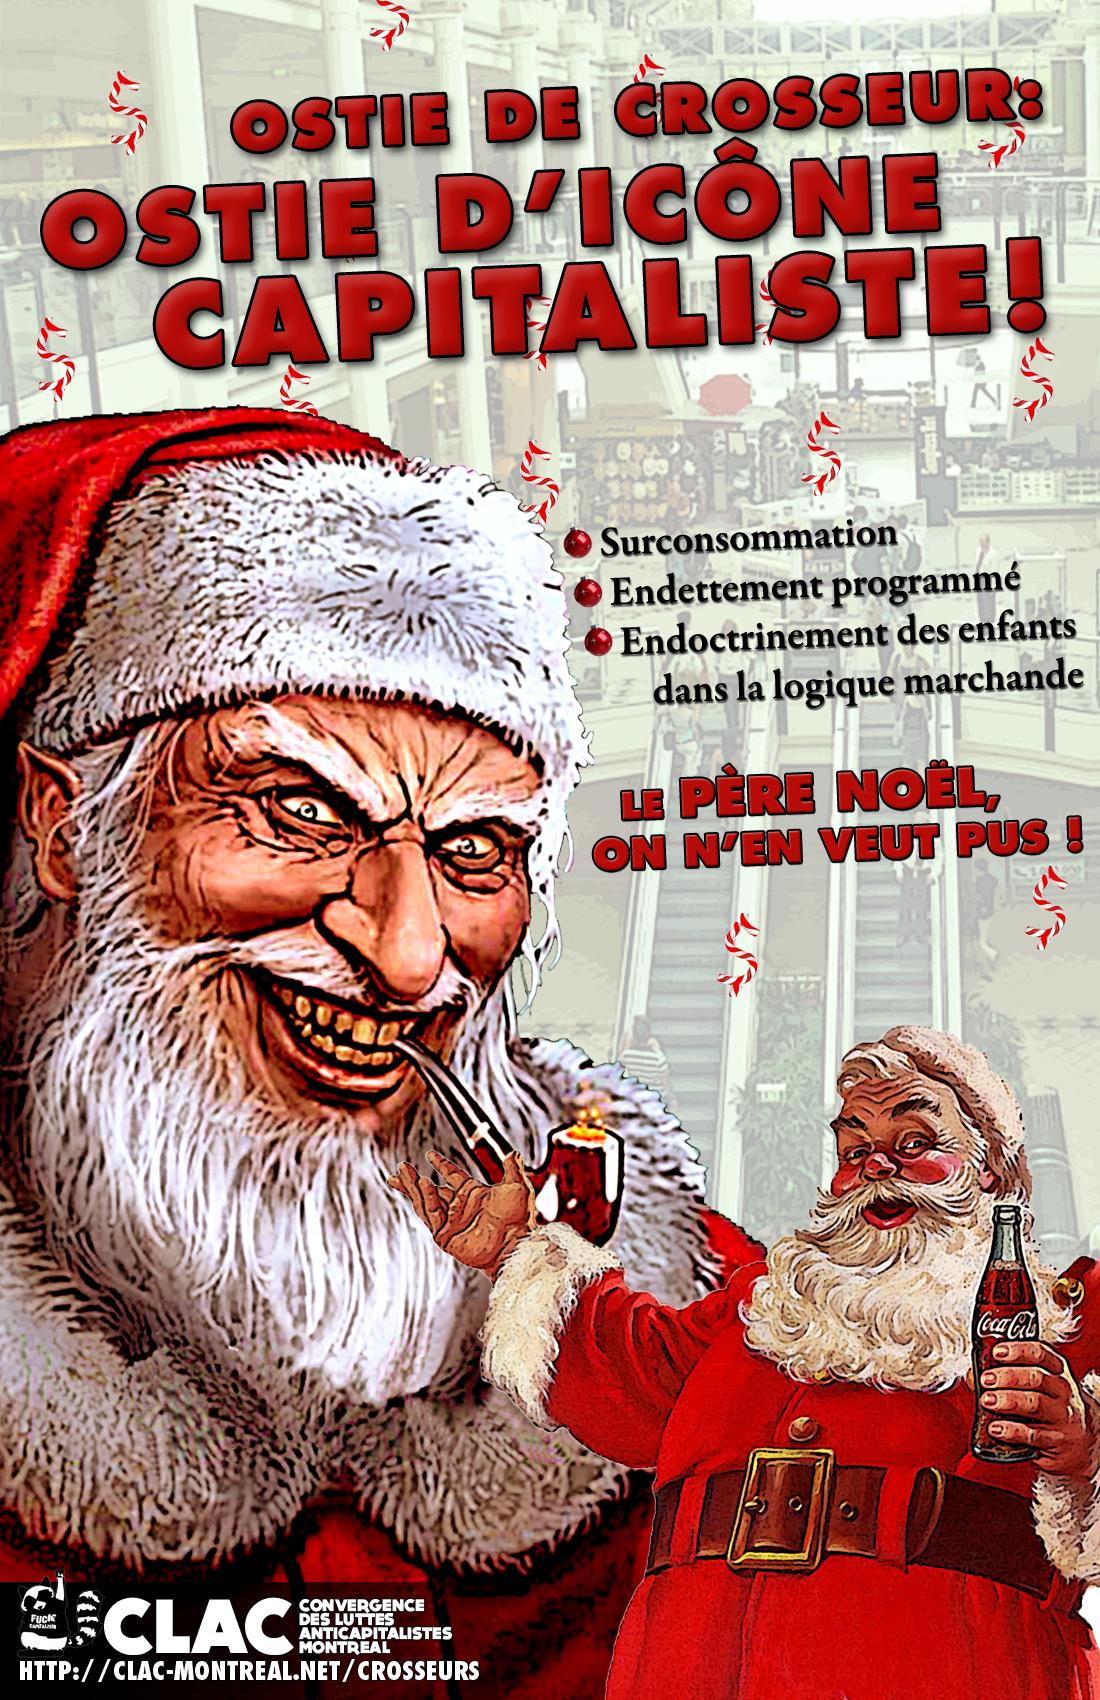 crosseur de d u00e9cembre 2012  p u00e8re no u00ebl  ic u00f4ne capitaliste